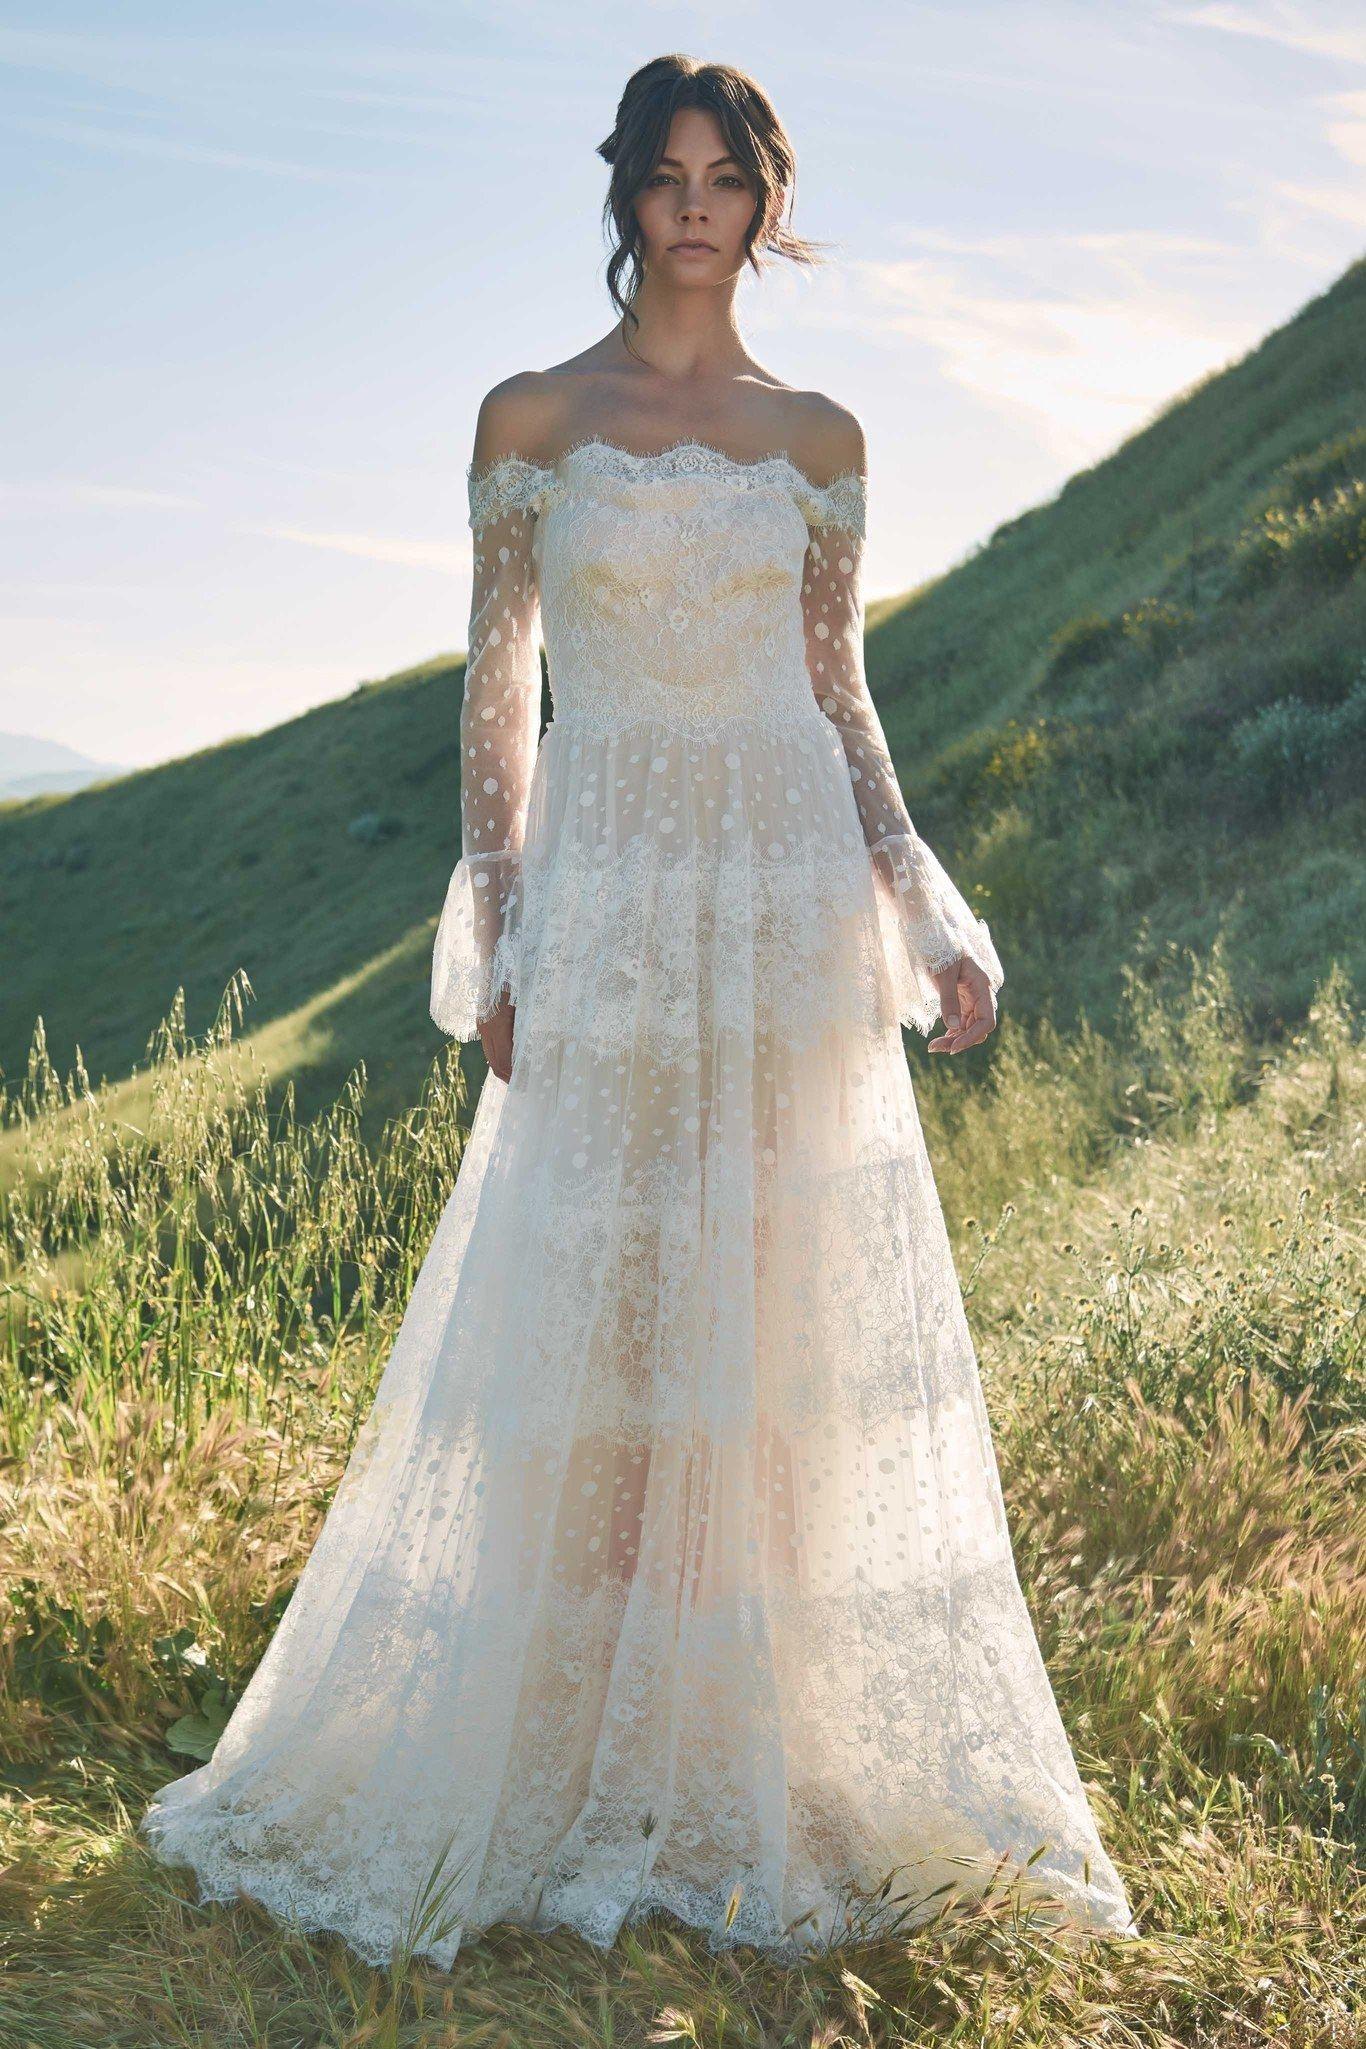 Abend Ausgezeichnet Brautkleiderbrautmode Spezialgebiet10 Top Brautkleiderbrautmode Vertrieb